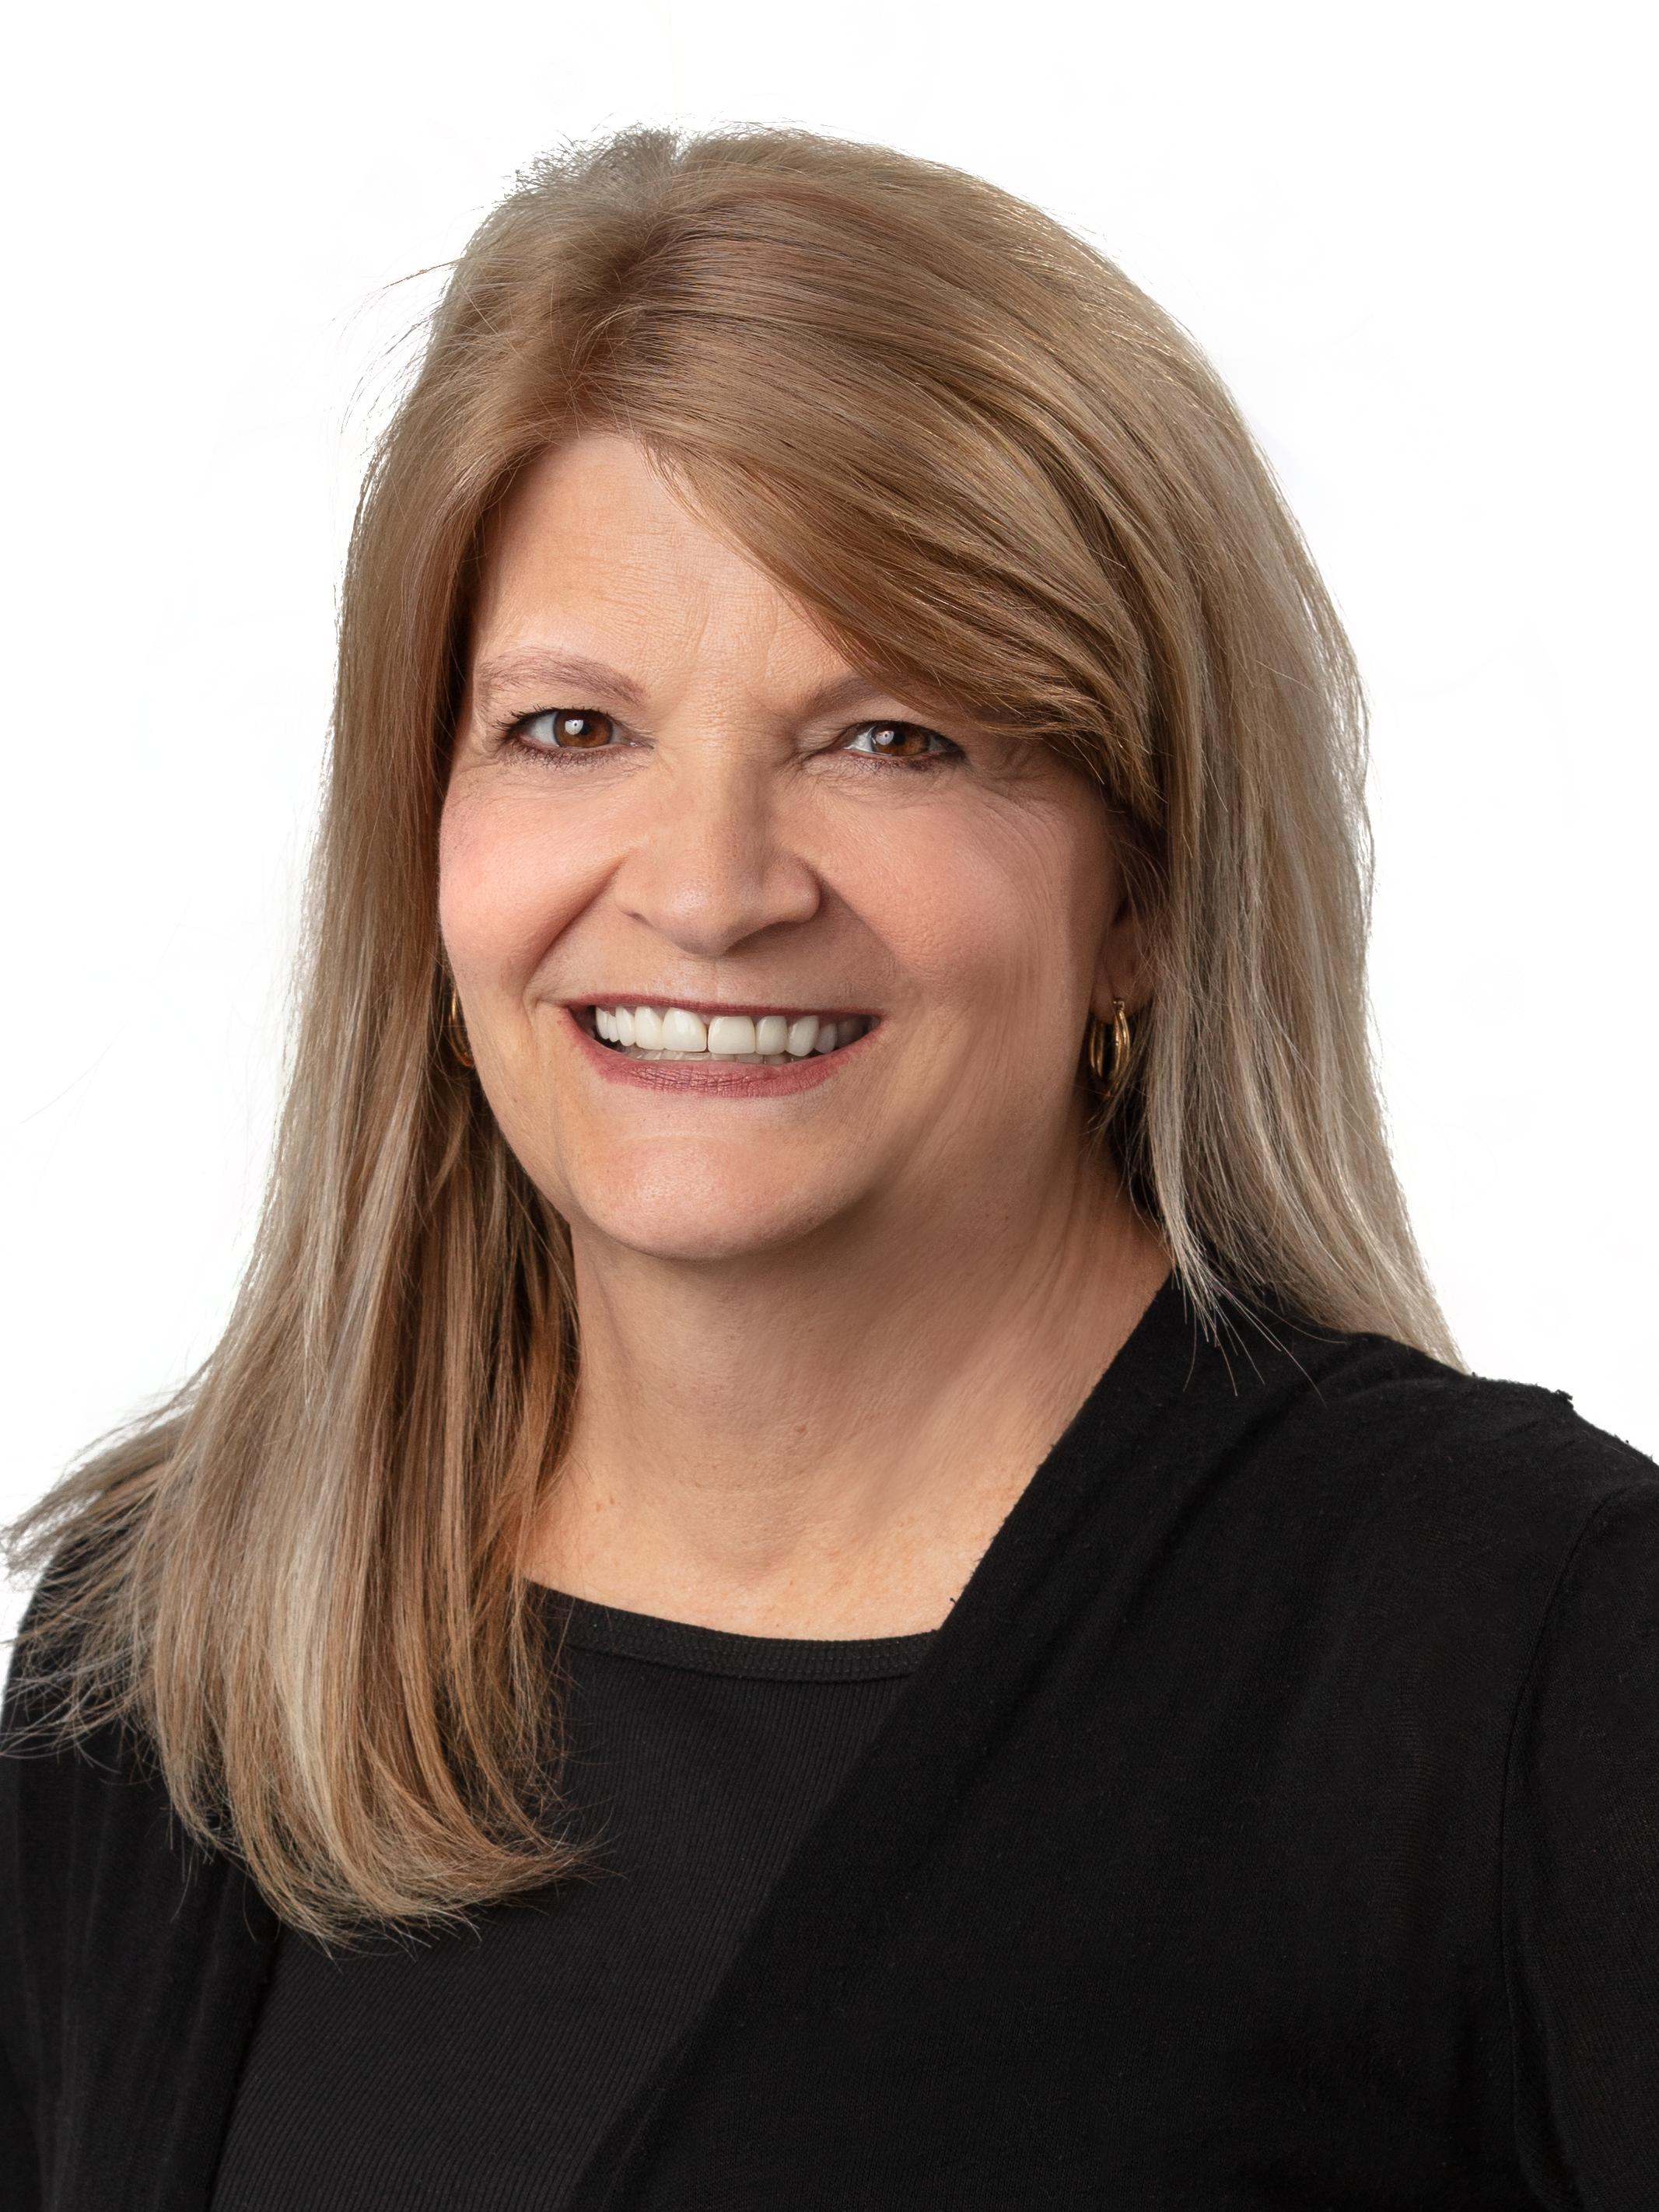 Andrea Wilkinson